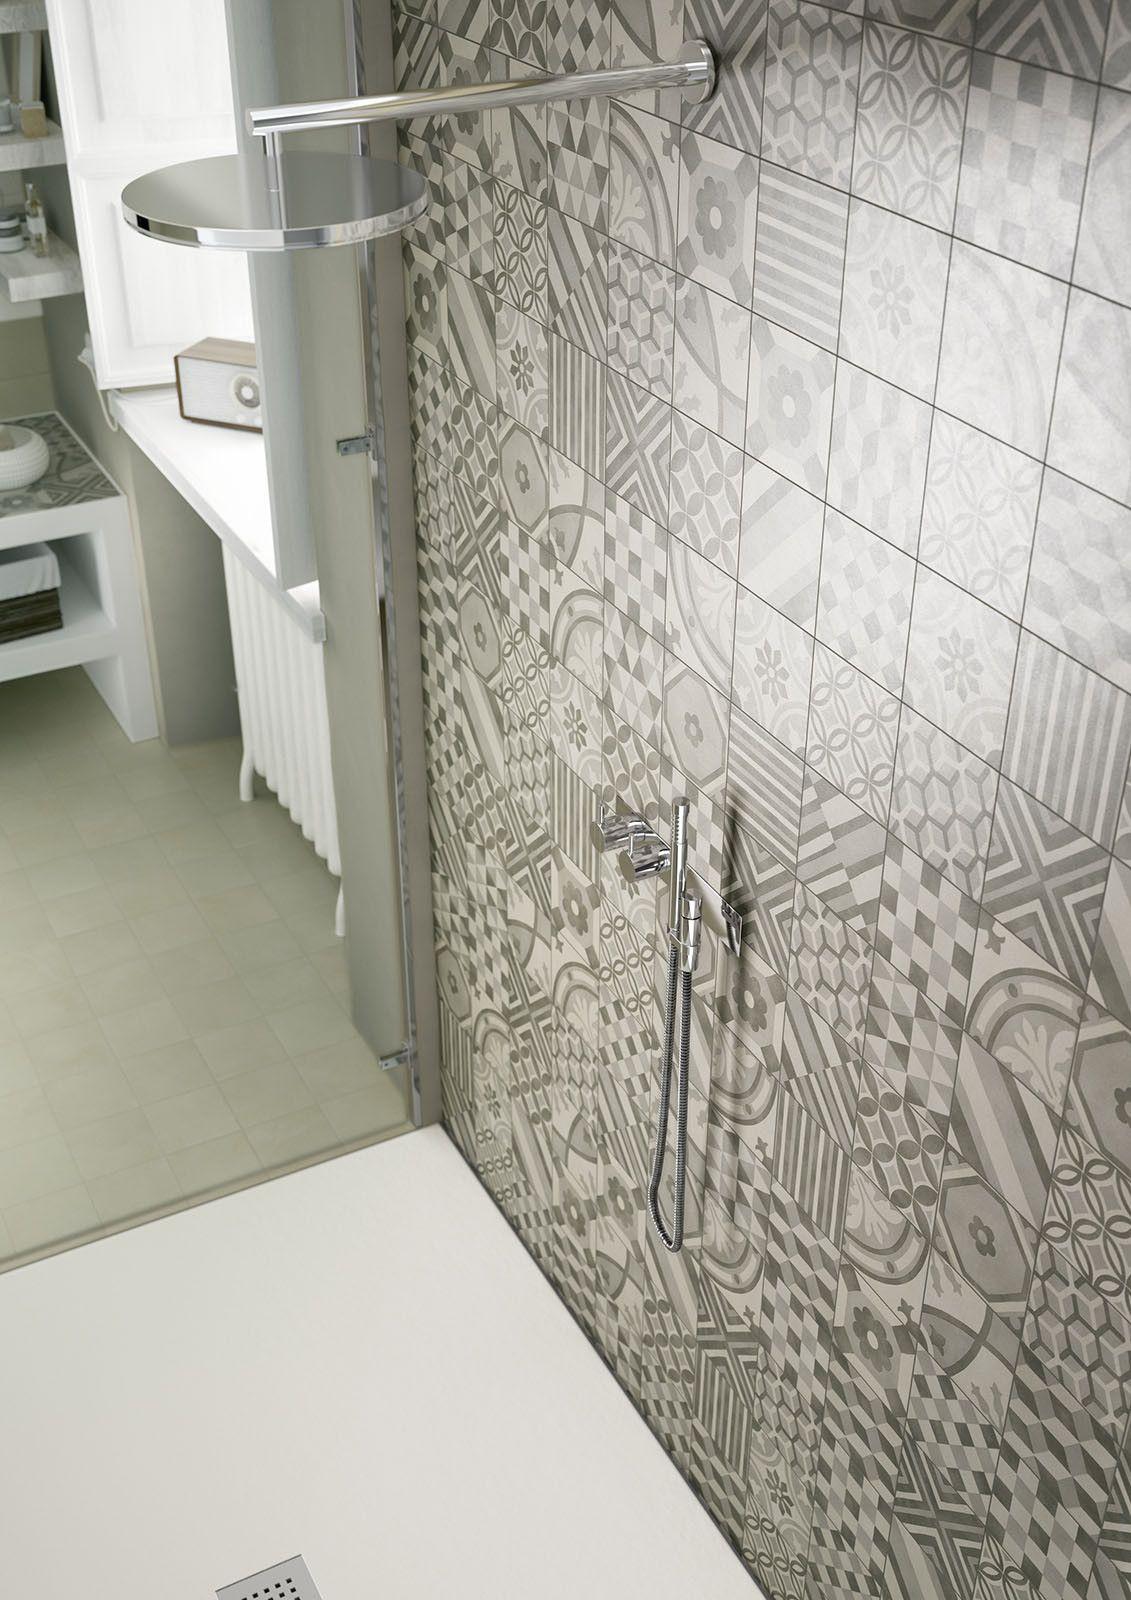 Marazzi #Block Dekor Grey 15x15 cm MH93 | #Feinsteinzeug #Dekore ...